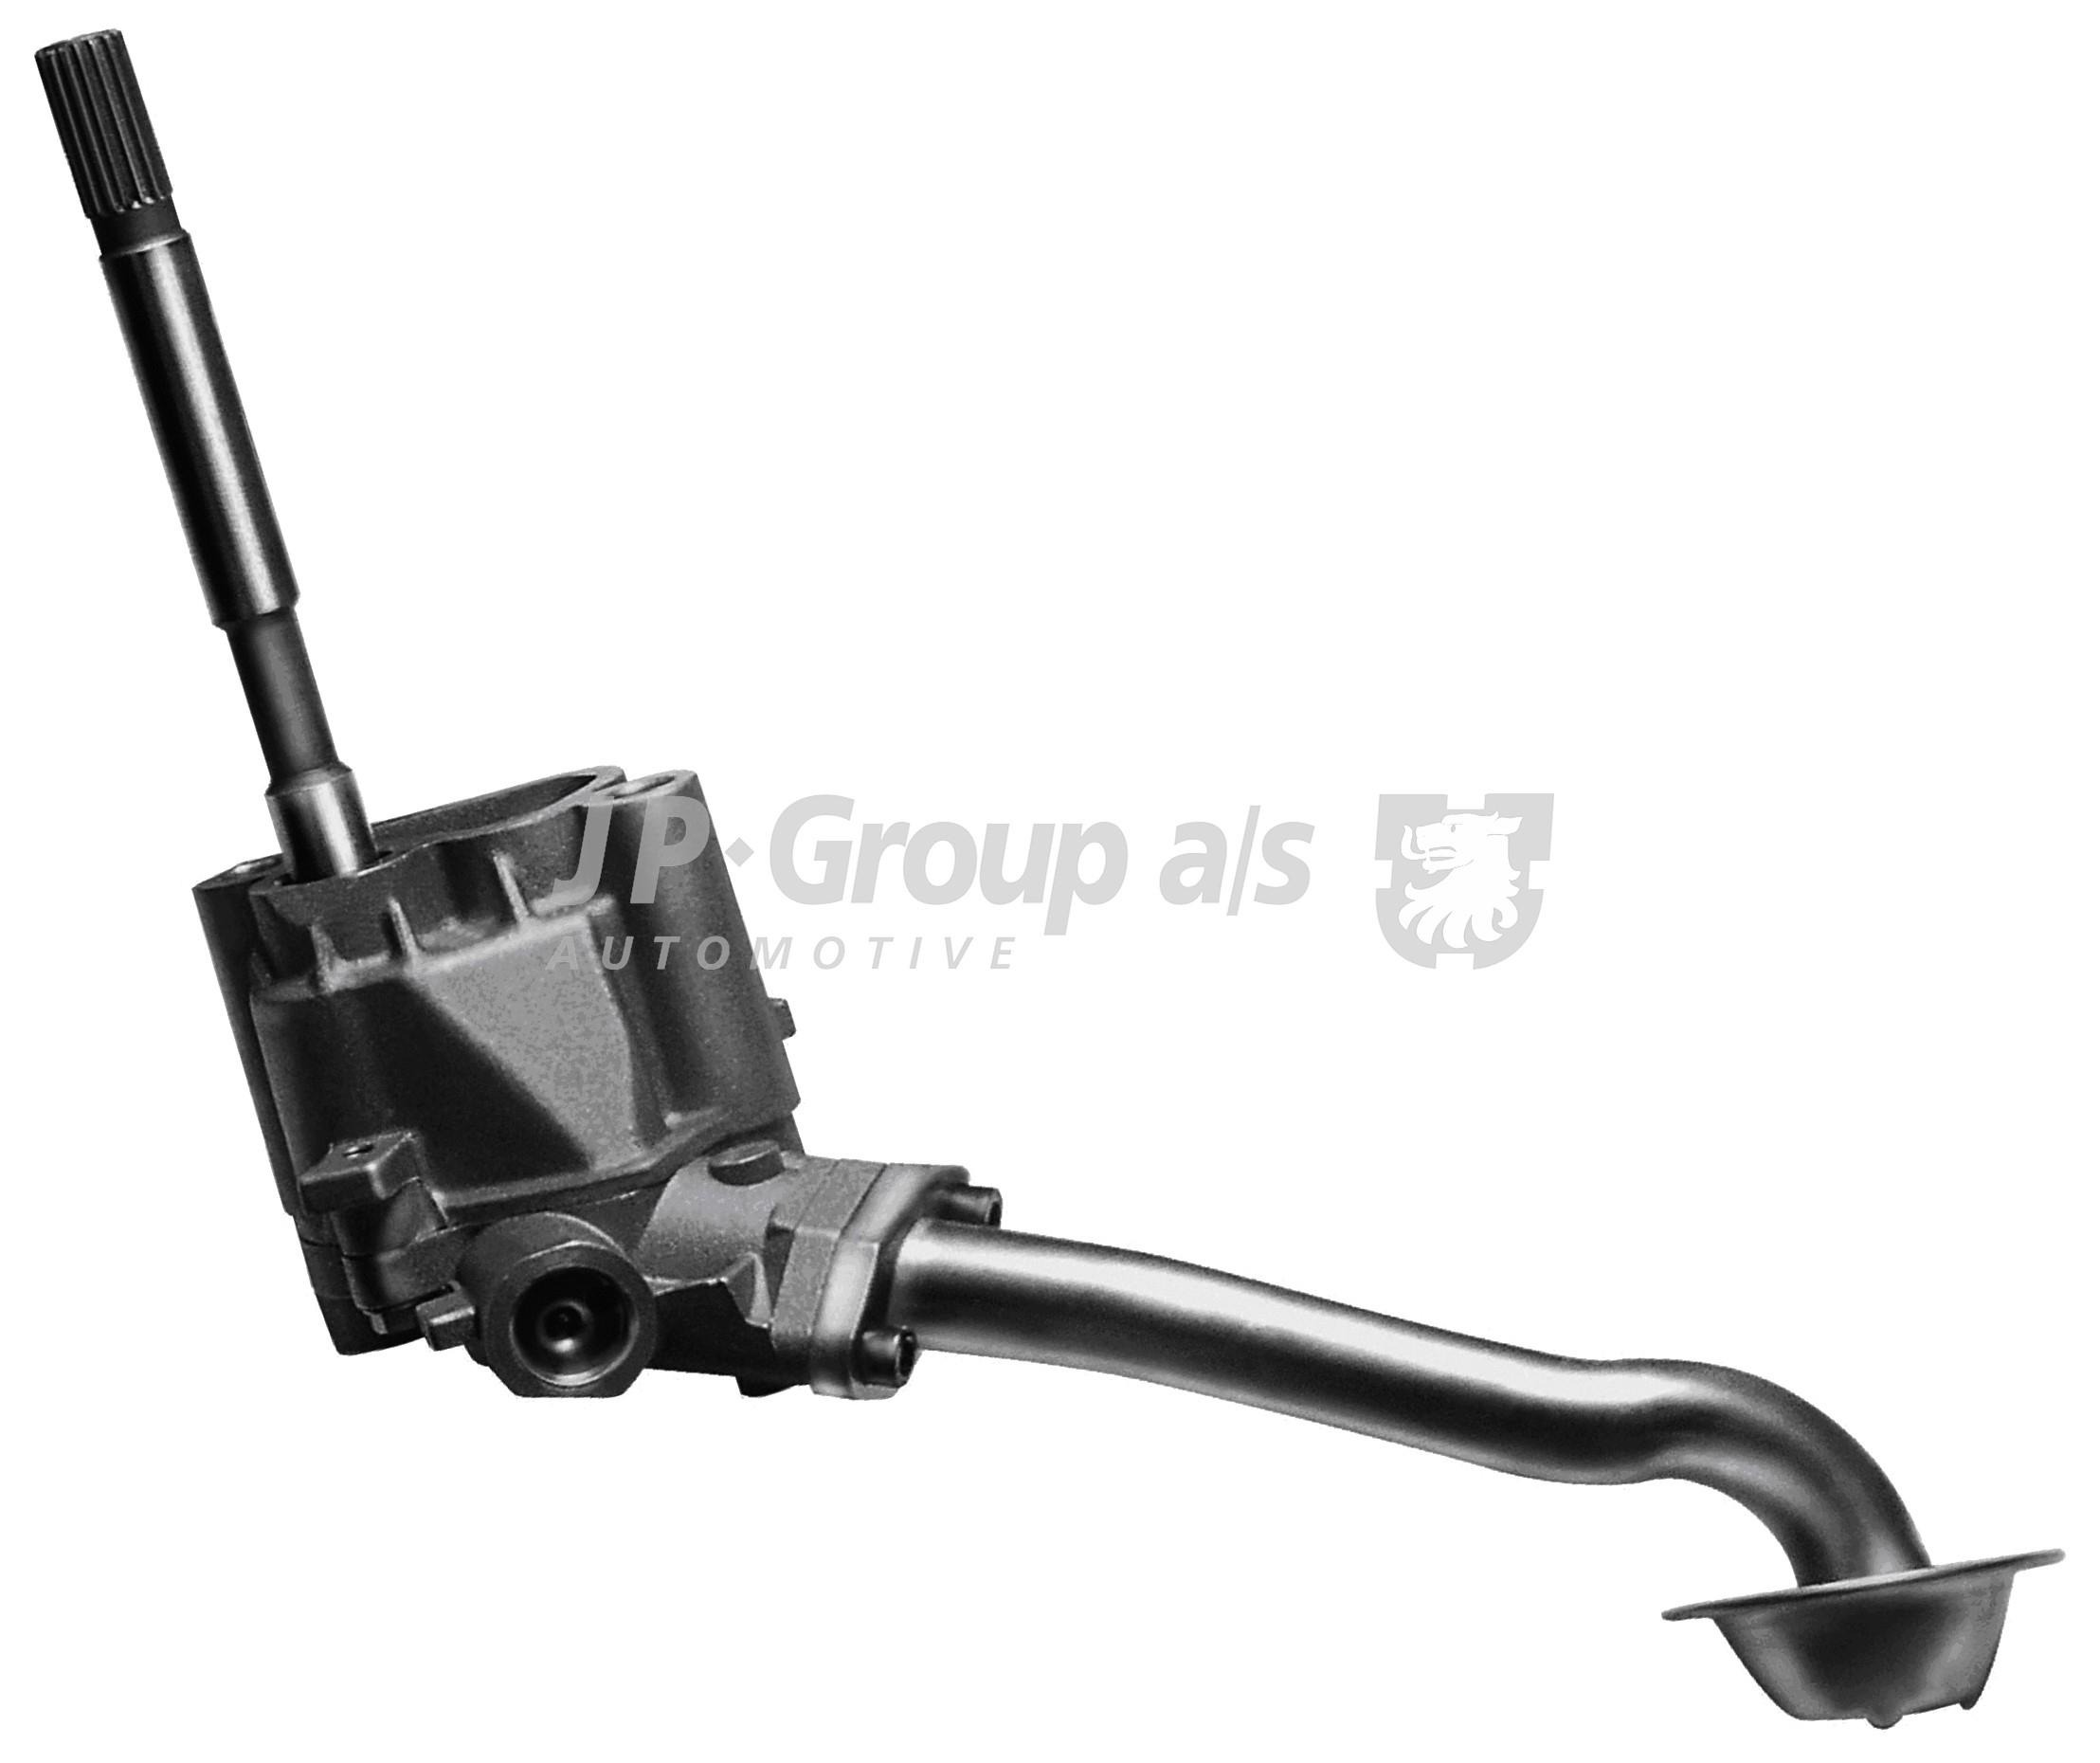 Ölpumpe Audi A4 B5 A6 C5 Avant VW Passat 3B2 3B5 1.8 T Variant